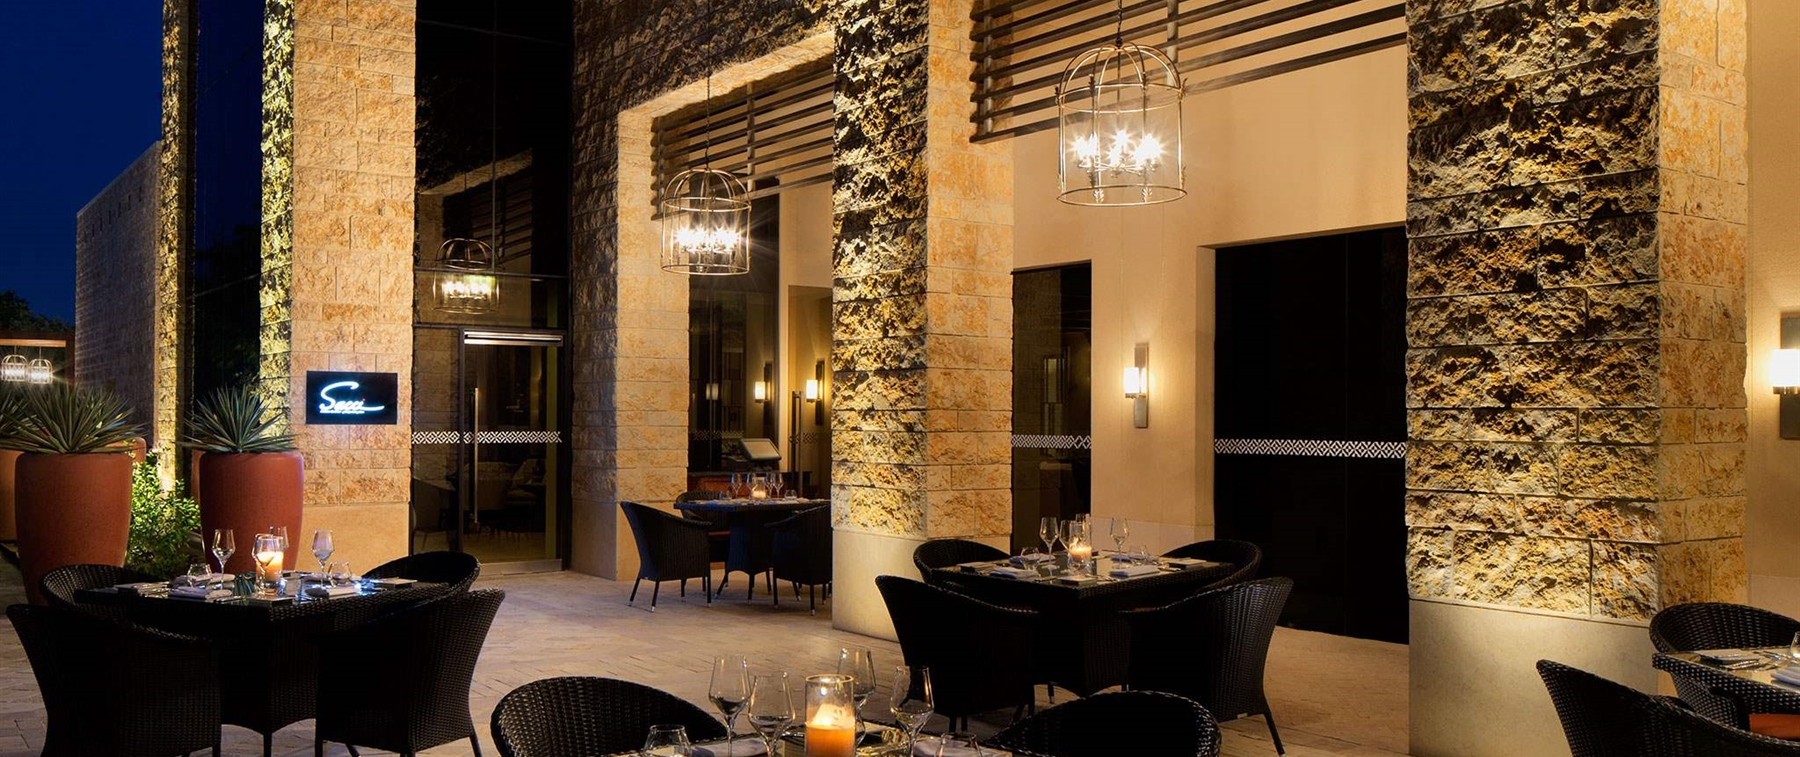 Sacci Abu Dhabi Restaurant